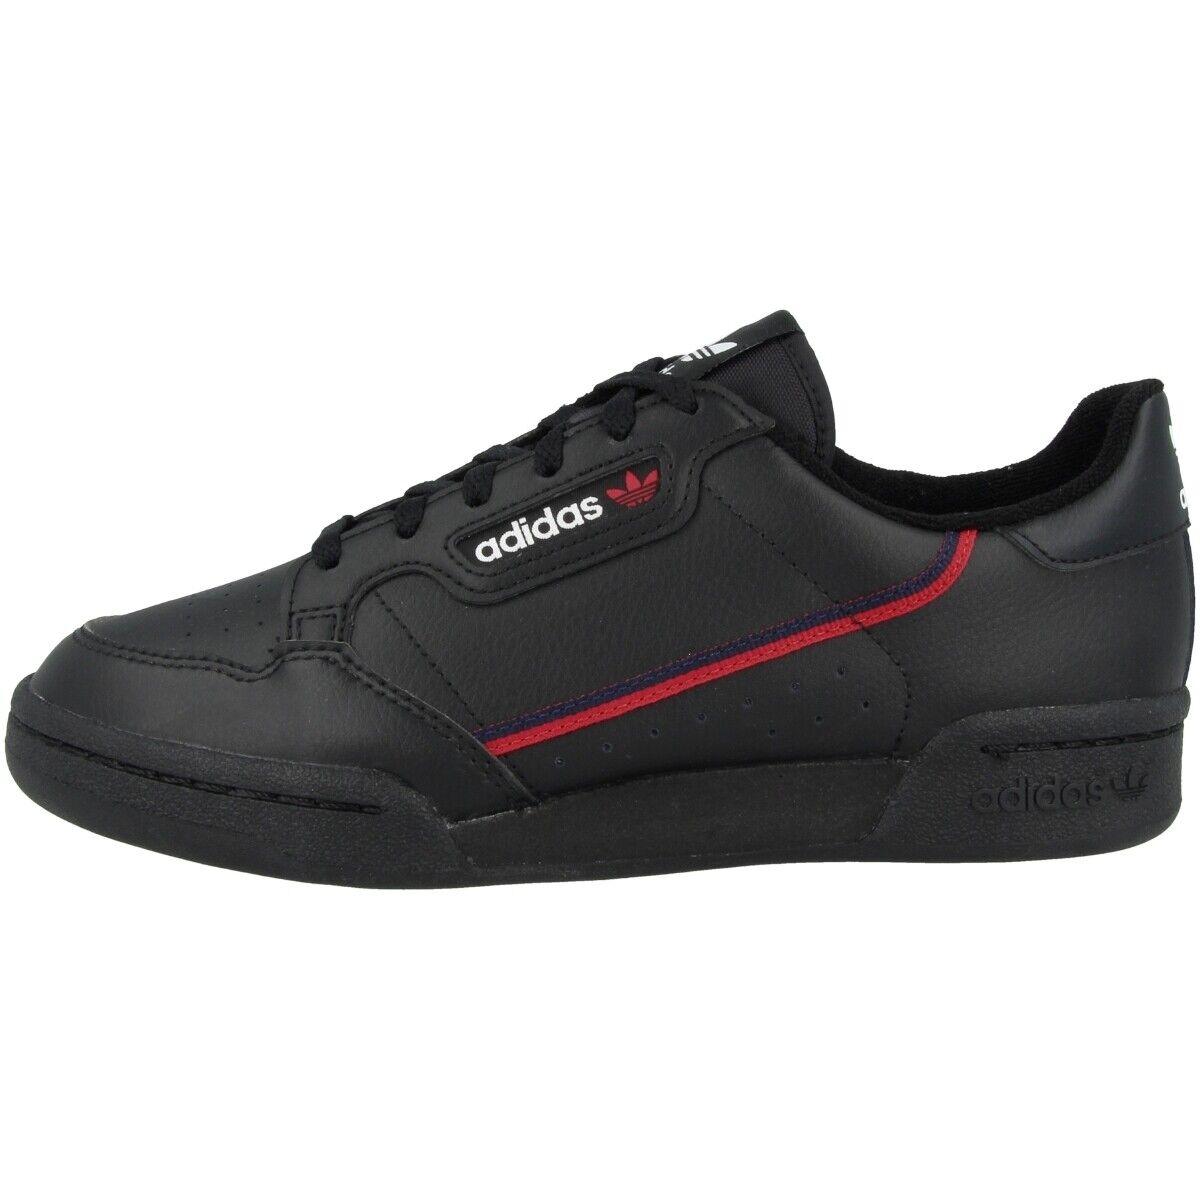 Adidas Continental 80 J Schuhe Originals Turnschuhe Freizeit Turnschuh schwarz F99786